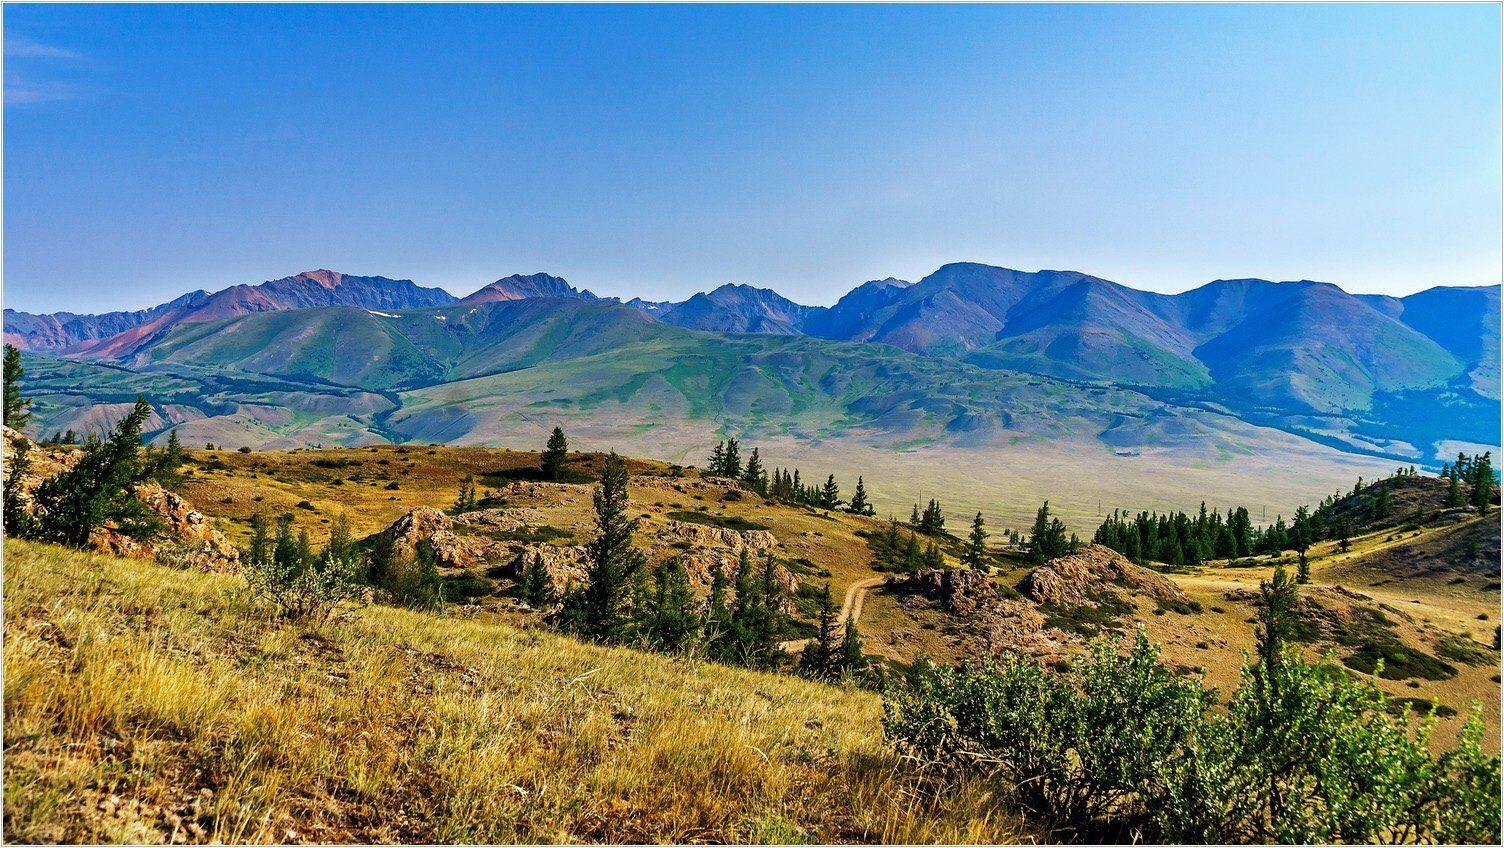 пейзаж, горы, утро, Горный Алтай, Александр Потапов